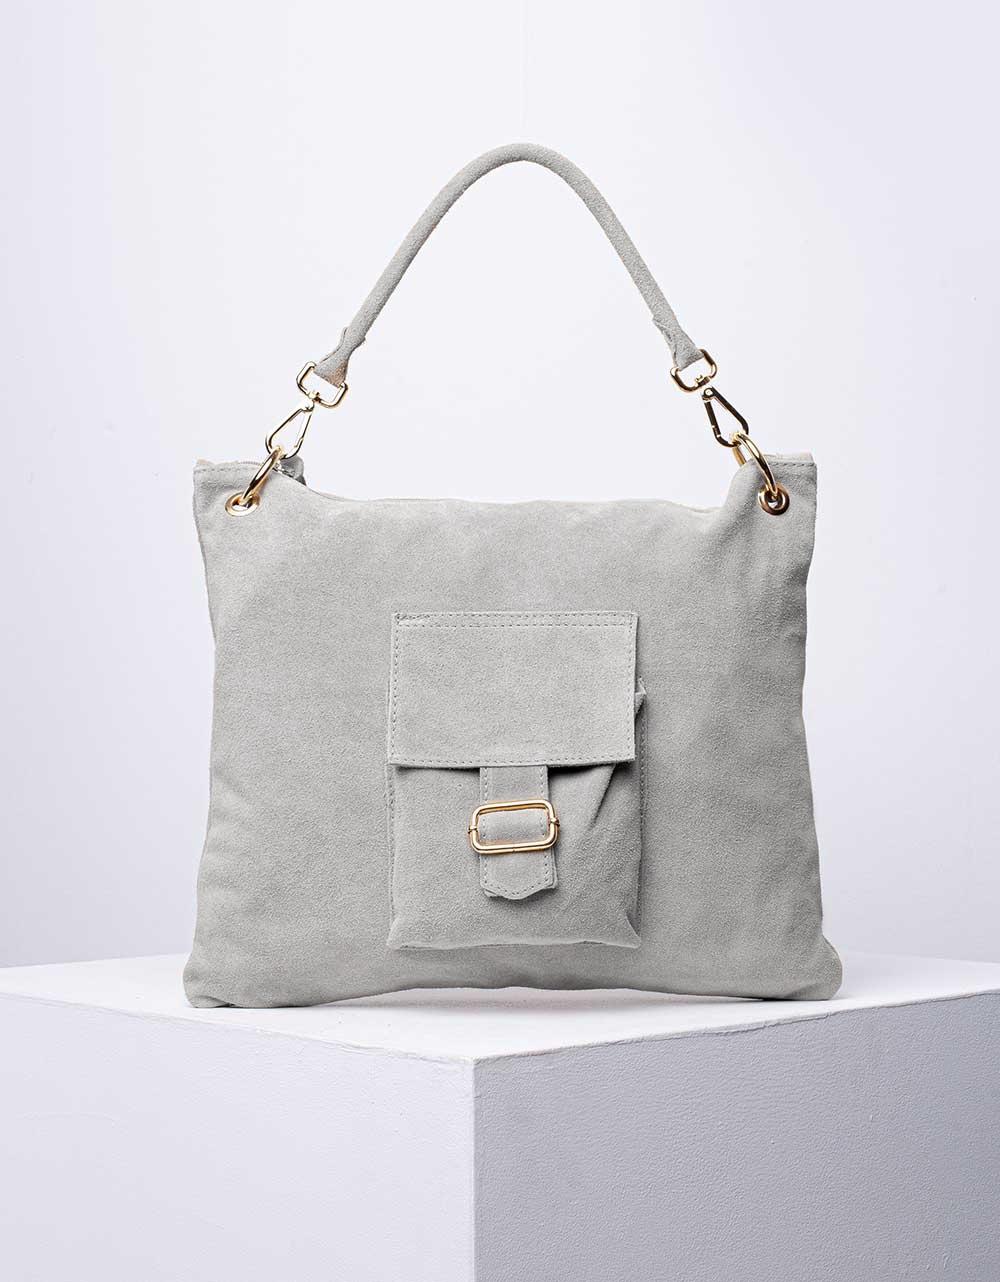 Εικόνα από Γυναικεία τσάντα χειρός από γνήσιο δέρμα με εξωτερικό τσεπάκι Γκρι